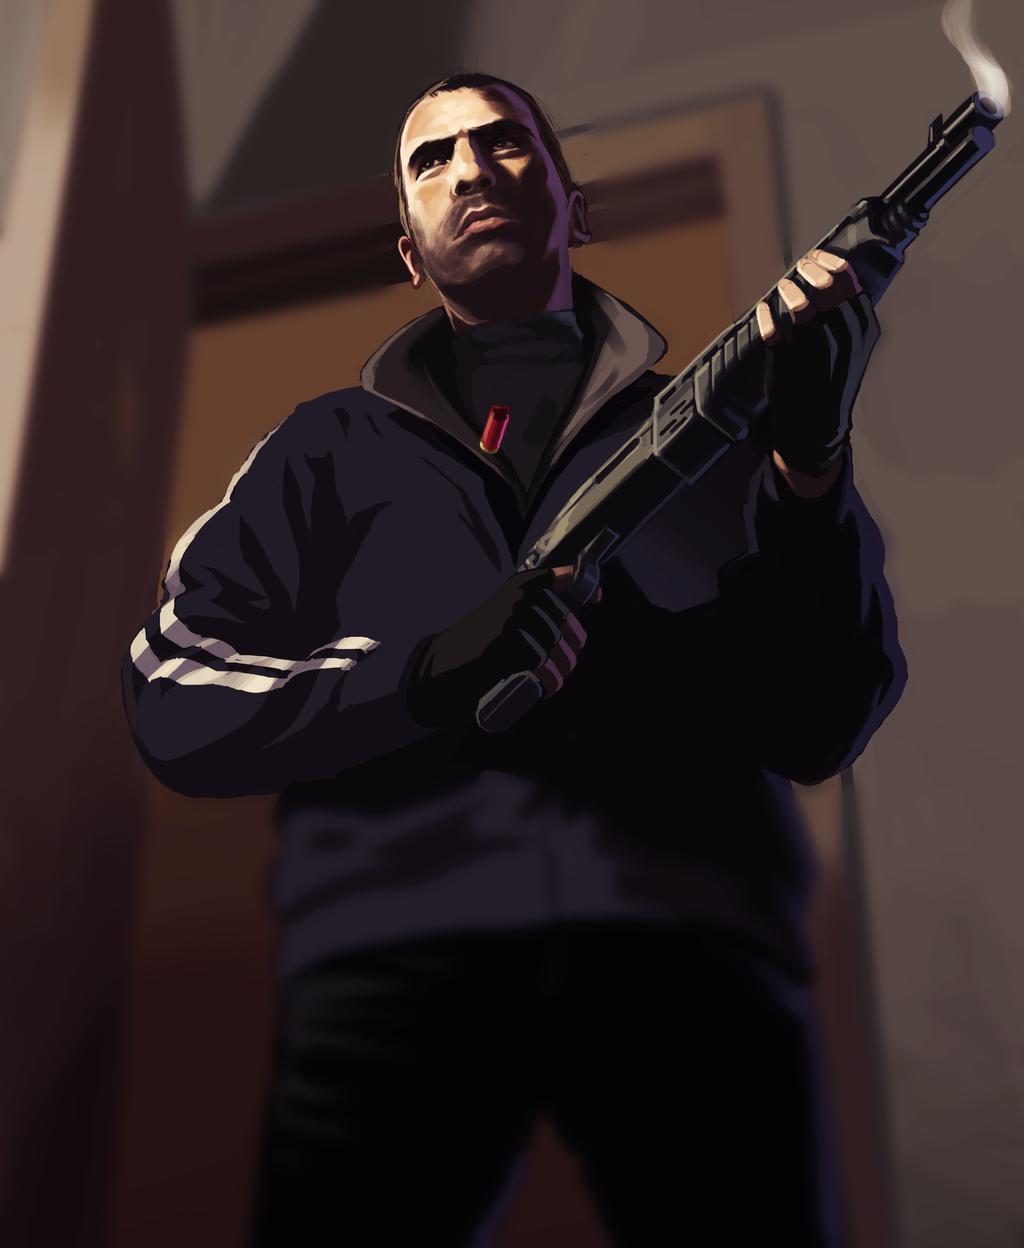 Arte Gamer (Megapost)